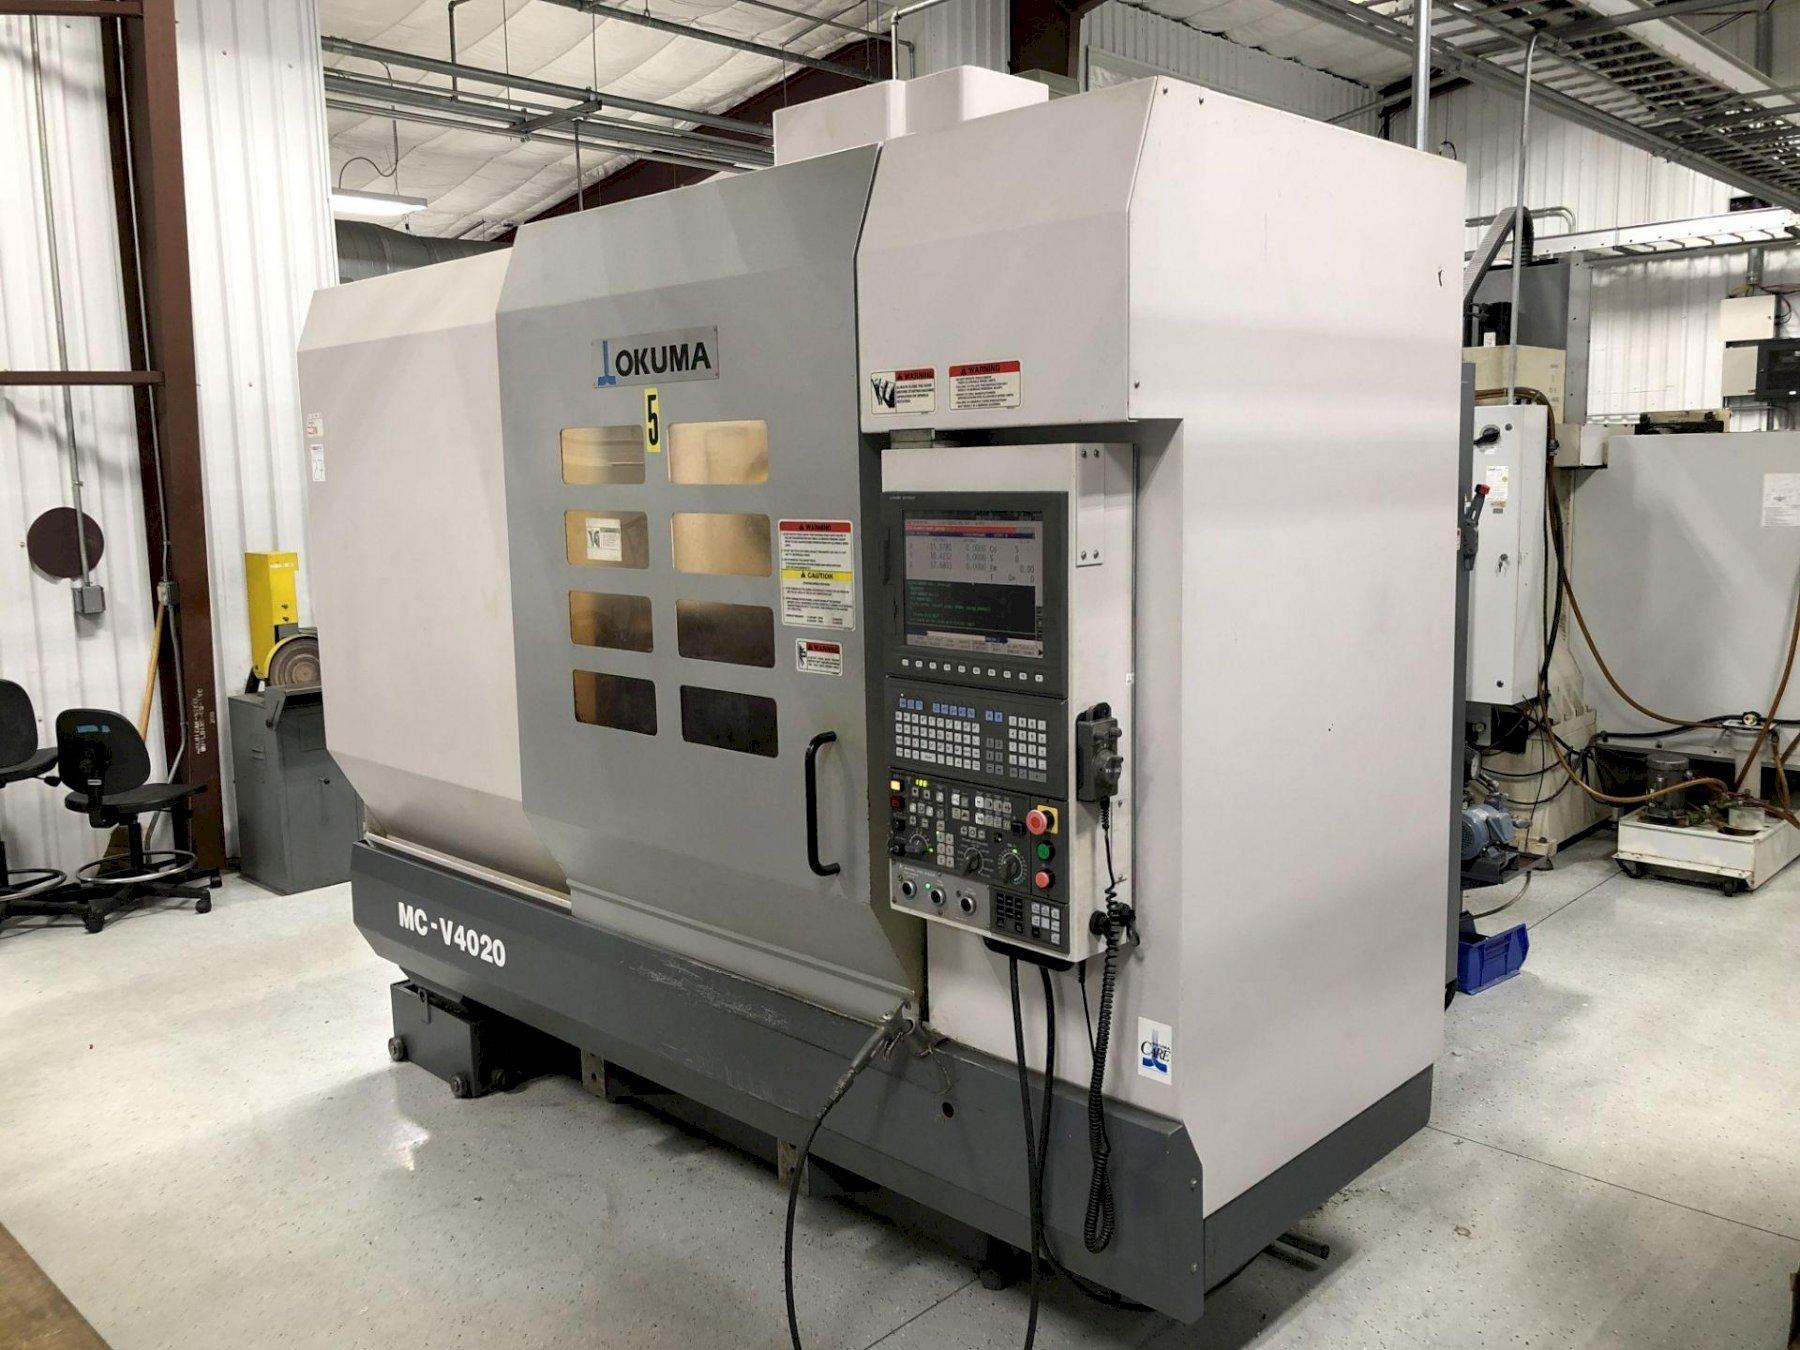 2007 Okuma MC-V4020 CNC Vertical Machining Center